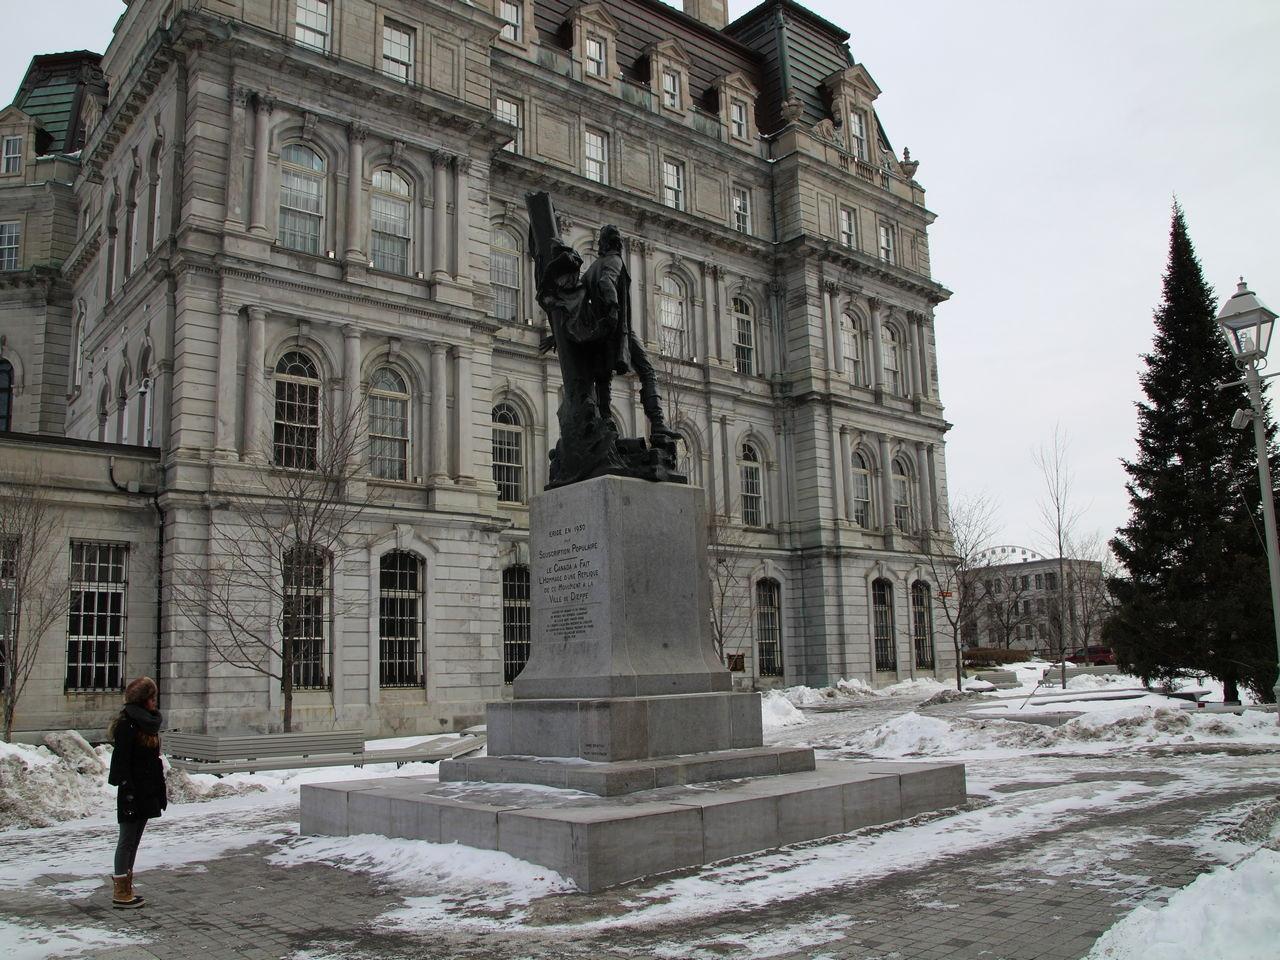 Qué ver en Montreal: Vieux Montreal y la Plaza Vauquelin.